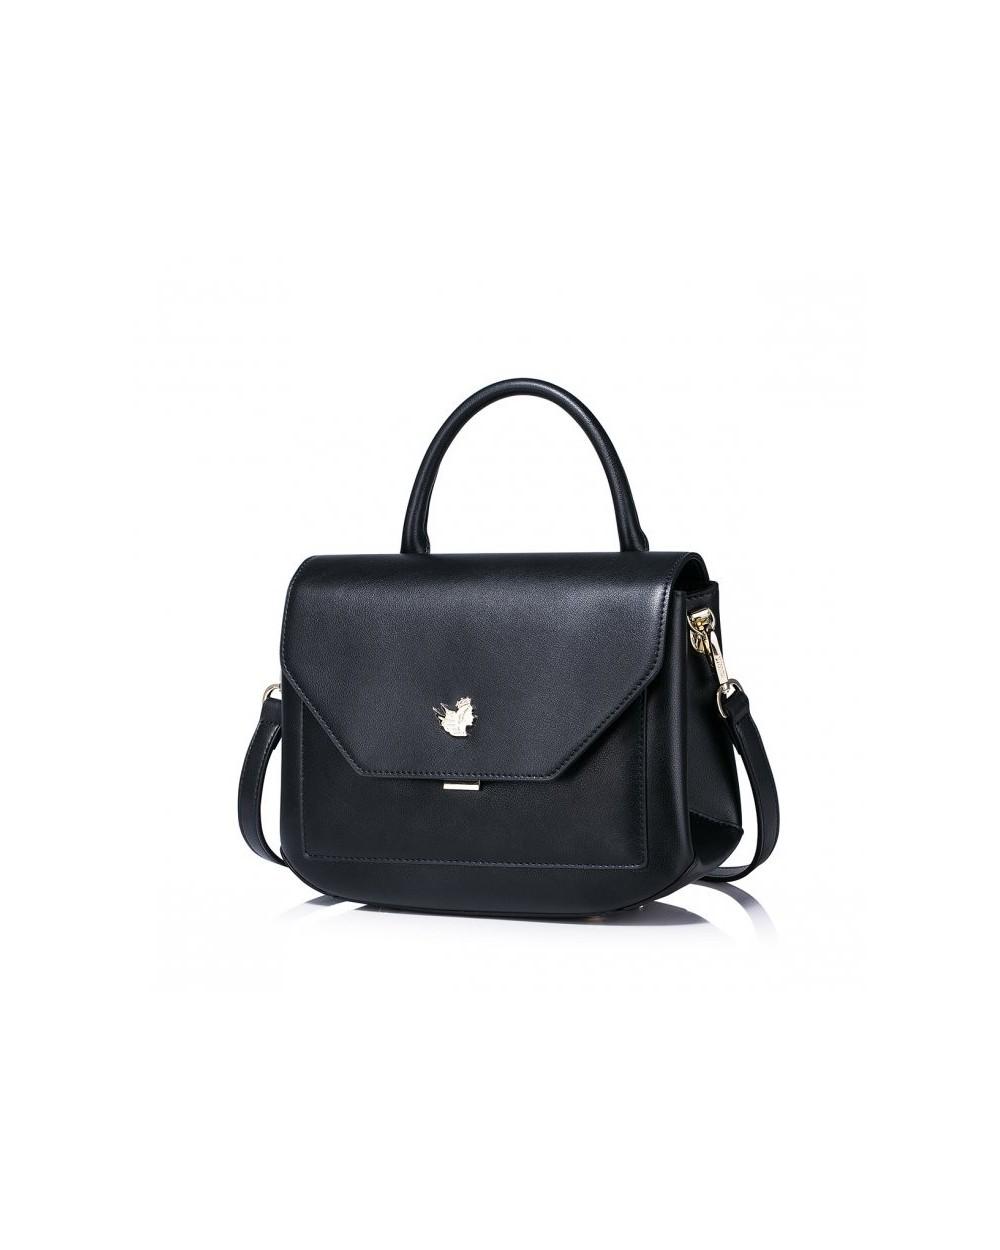 Damska torebka na ramię w prostym stylu Czarna